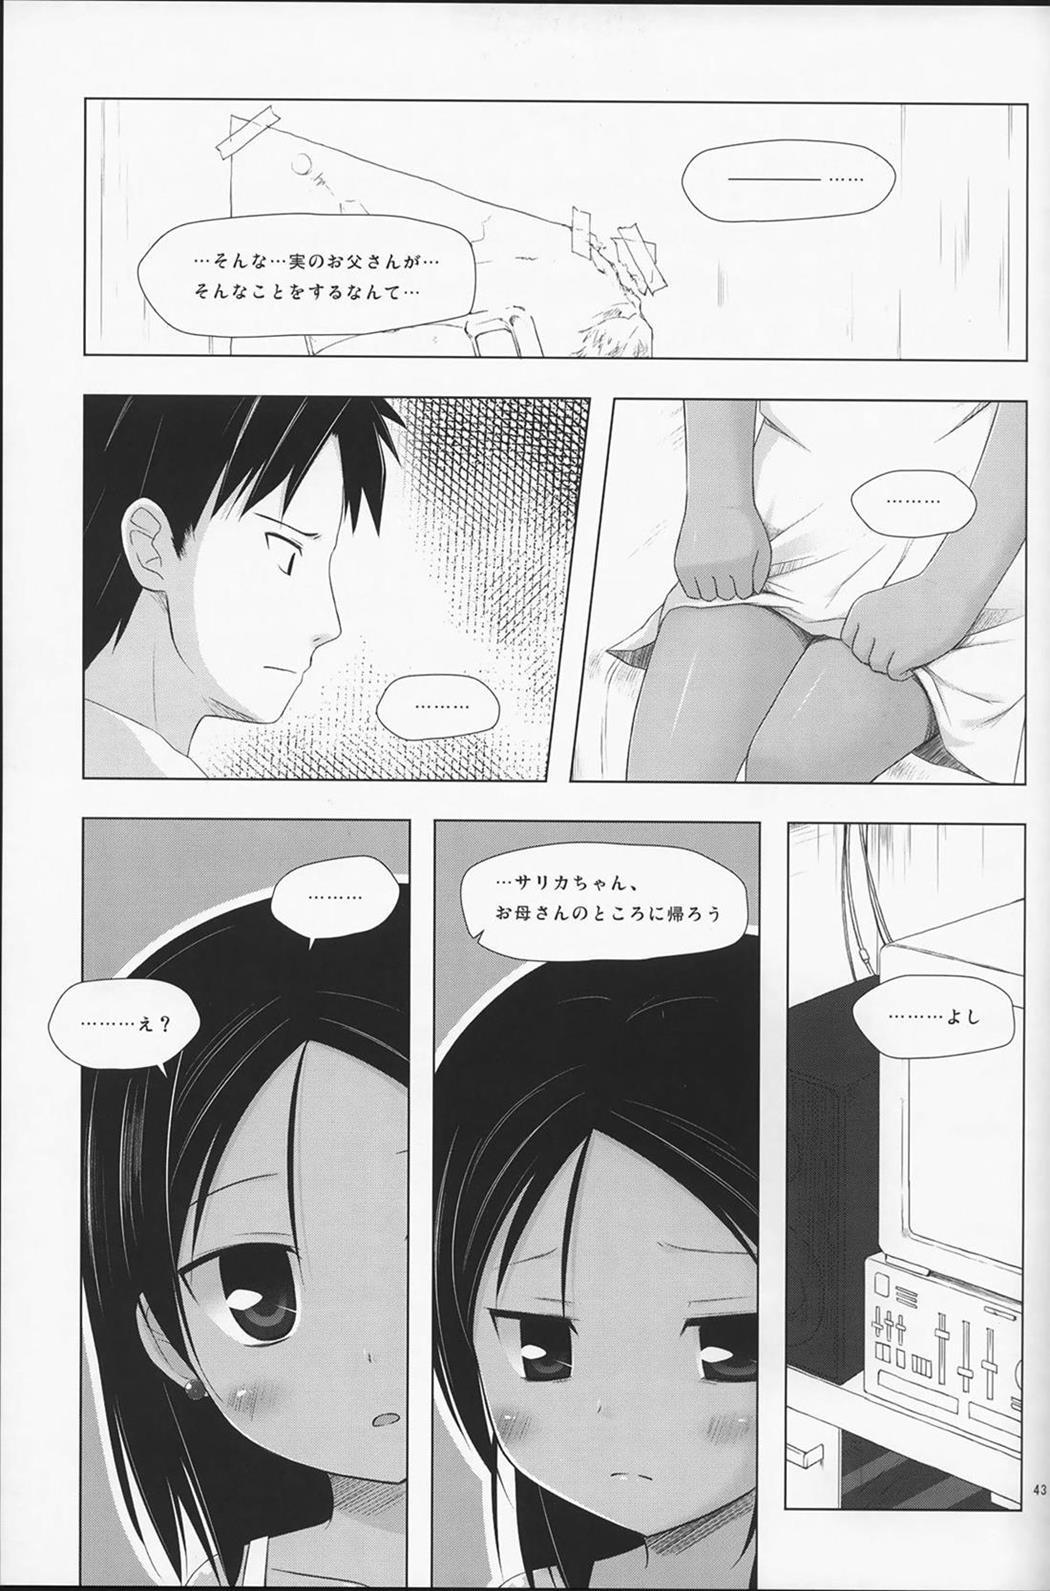 【エロ漫画・エロ同人誌】異国で父親に売られて売春する羽目になったロリ少女wひたすらお客とエッチしてる毎日を送ってたら日本人の男に助けられ日本に来てもセックス依存がぬけてないwww (43)